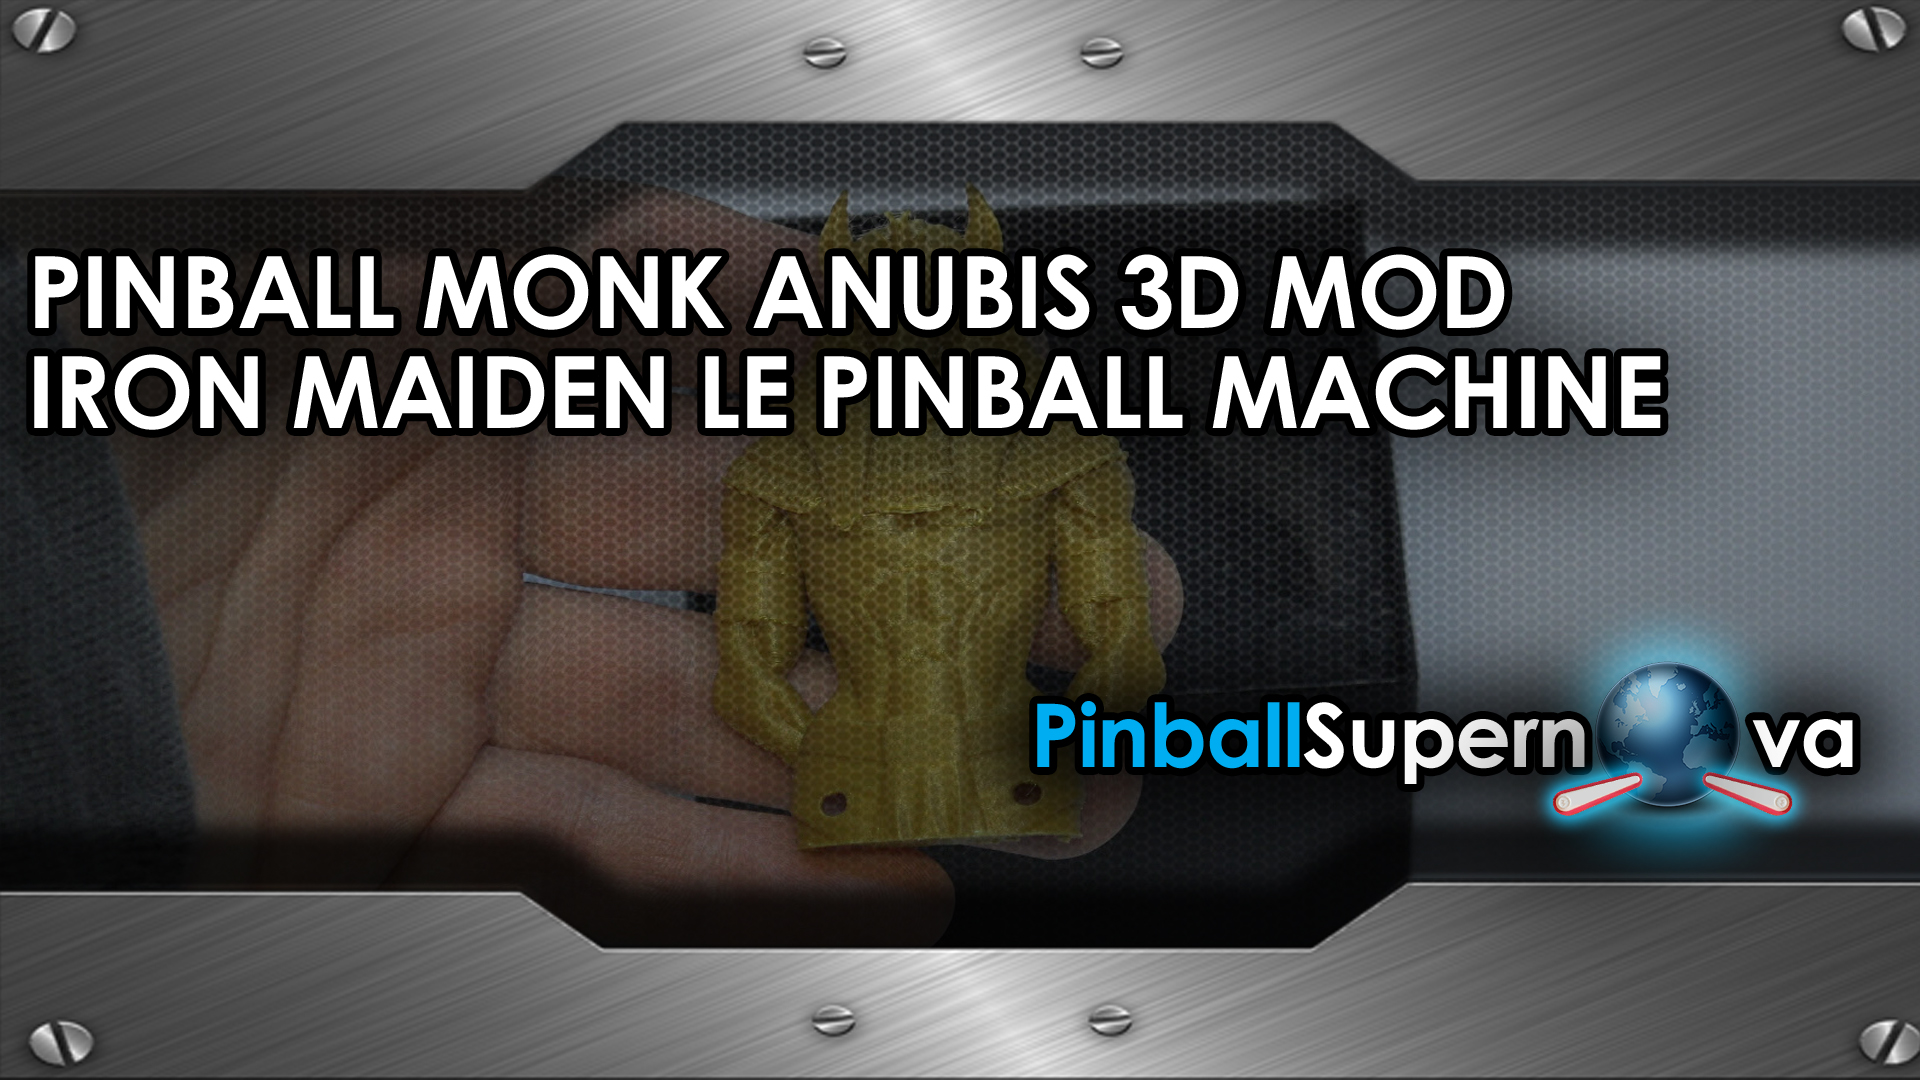 MODS : PINBALL MONK'S IRON MAIDEN 3D ANUBIS FIGURE INSTALL